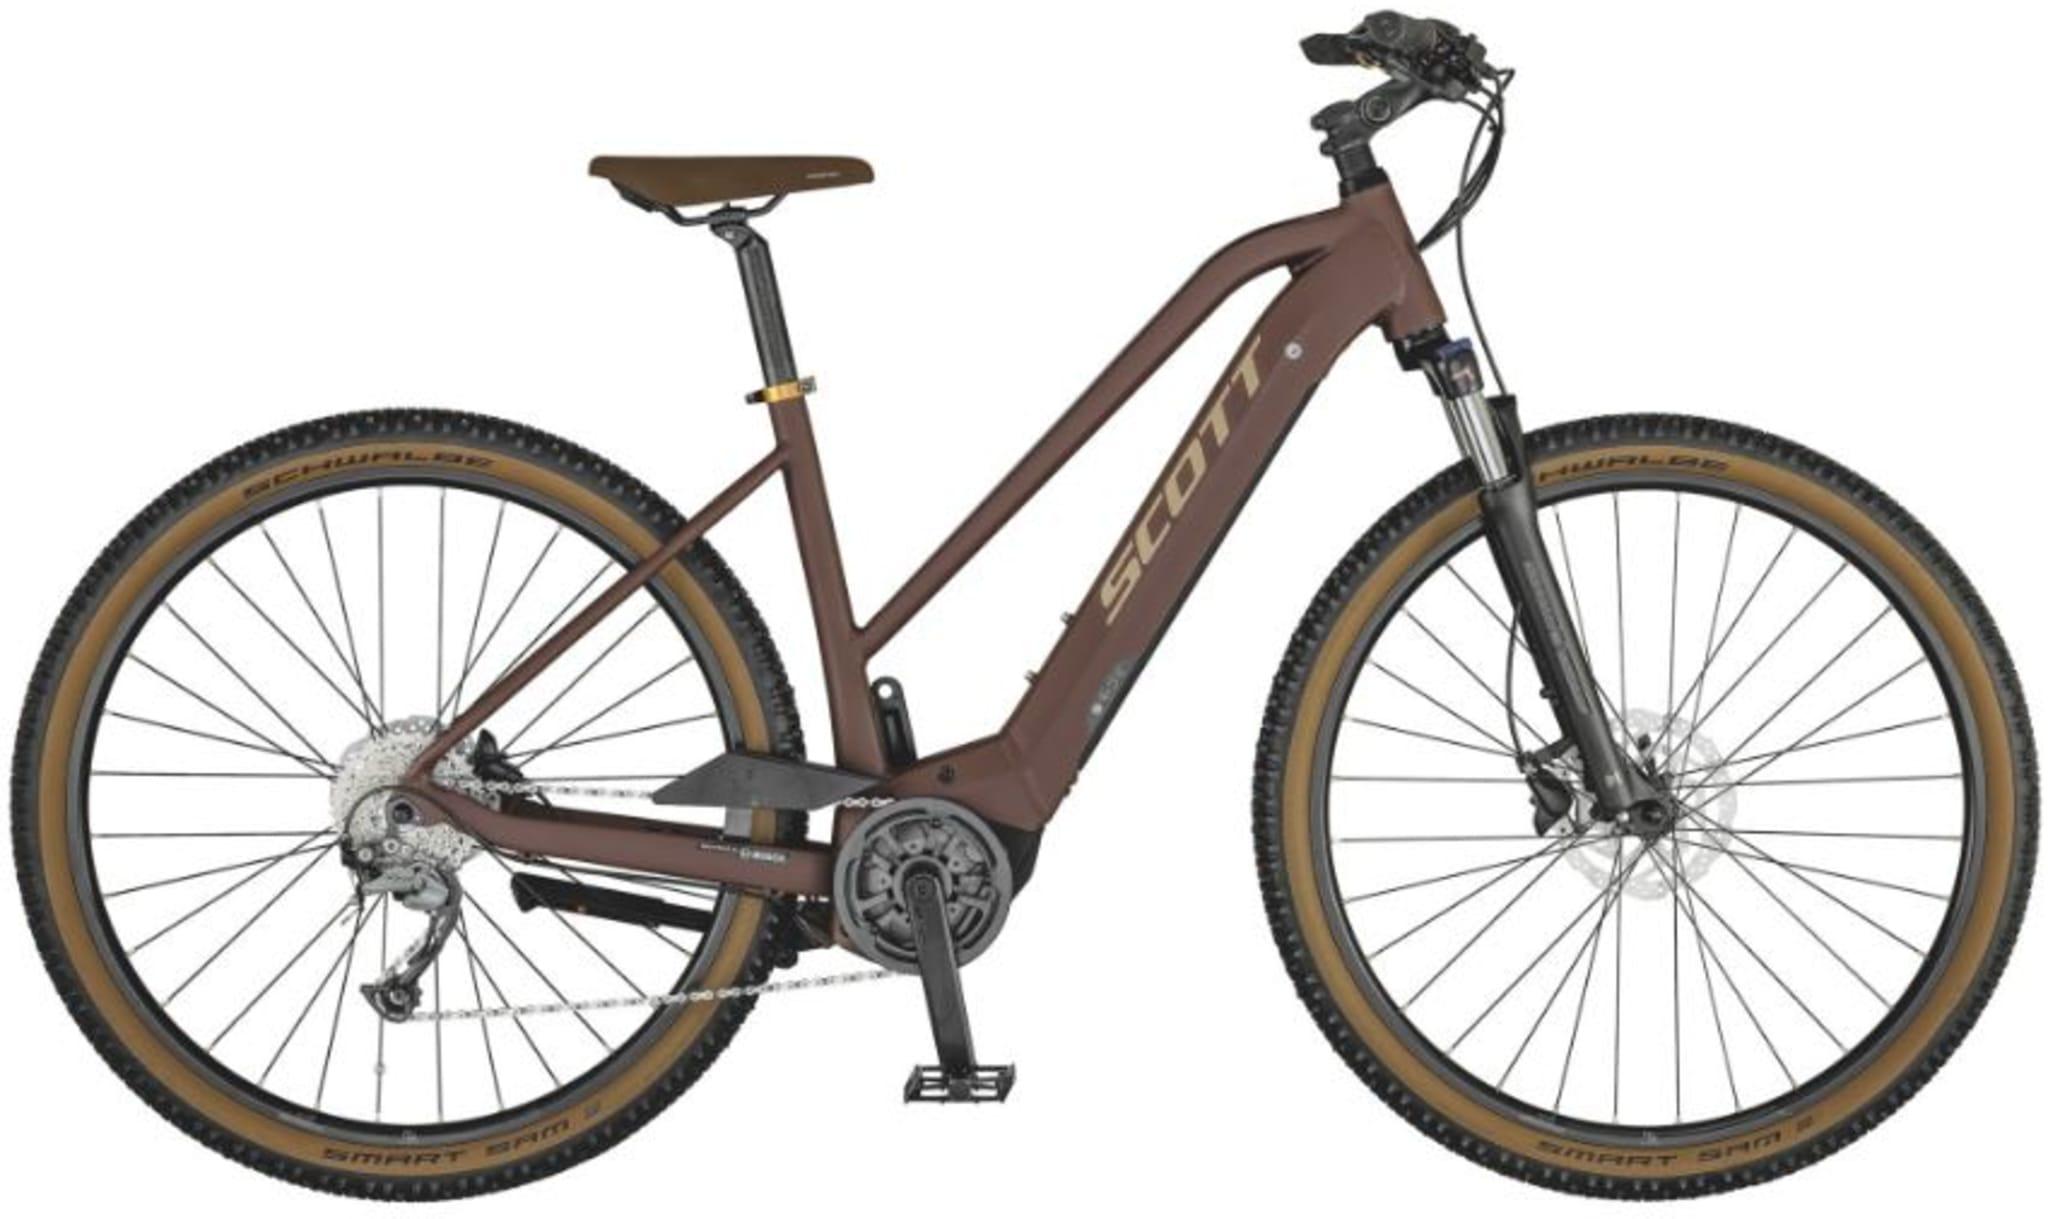 Suveren sykkel for forskjellige underlagene man normalt møter på sine turer